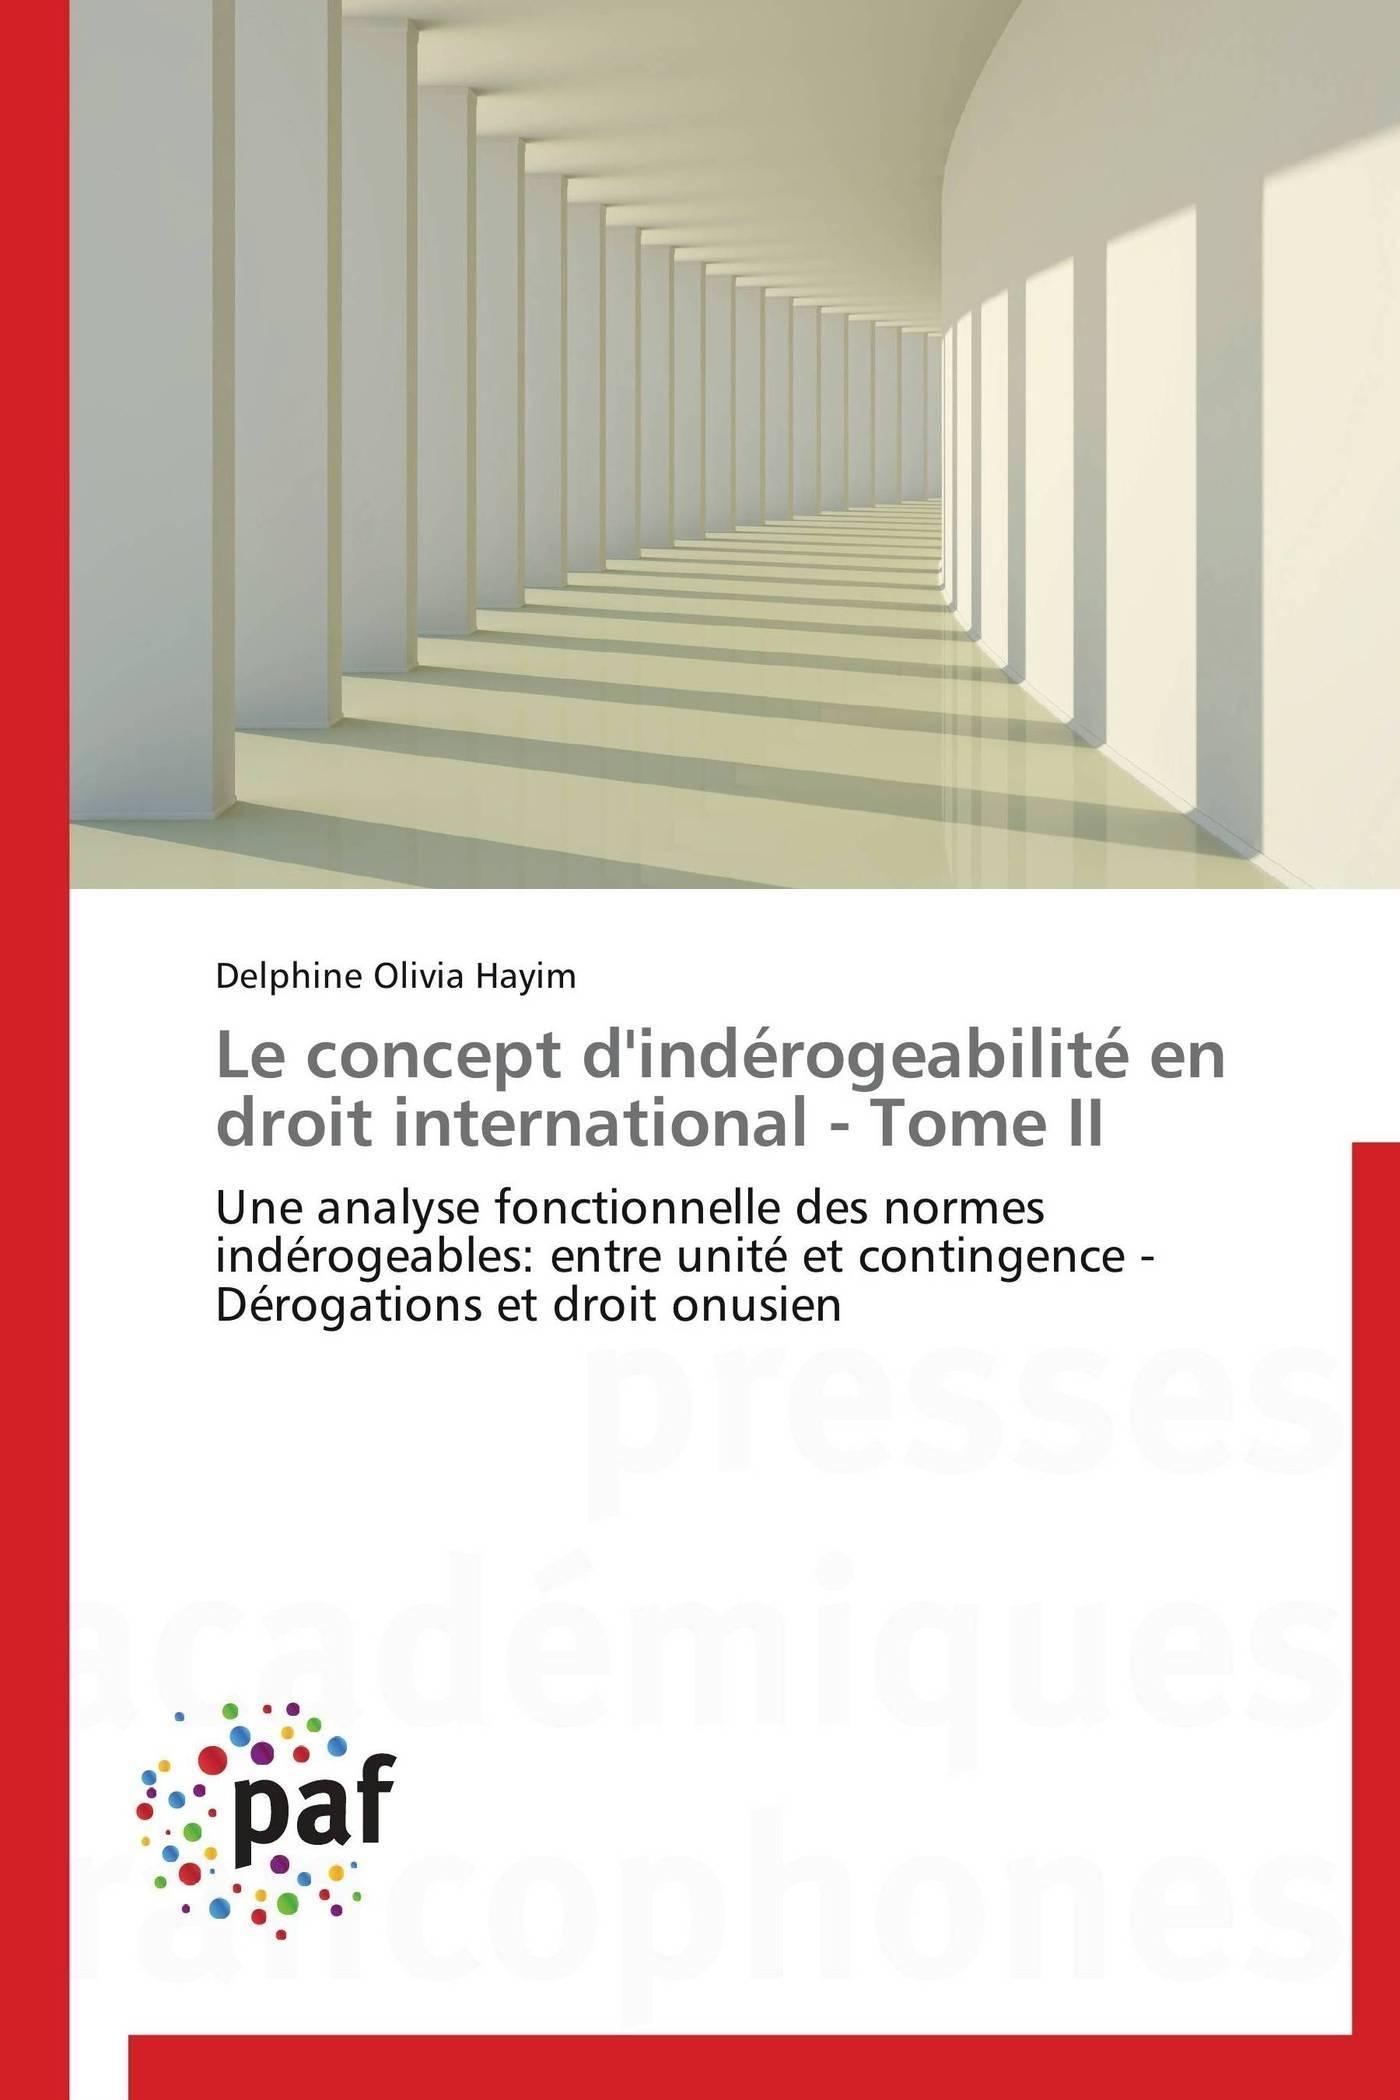 LE CONCEPT D'INDEROGEABILITE EN DROIT INTERNATIONAL - TOME II